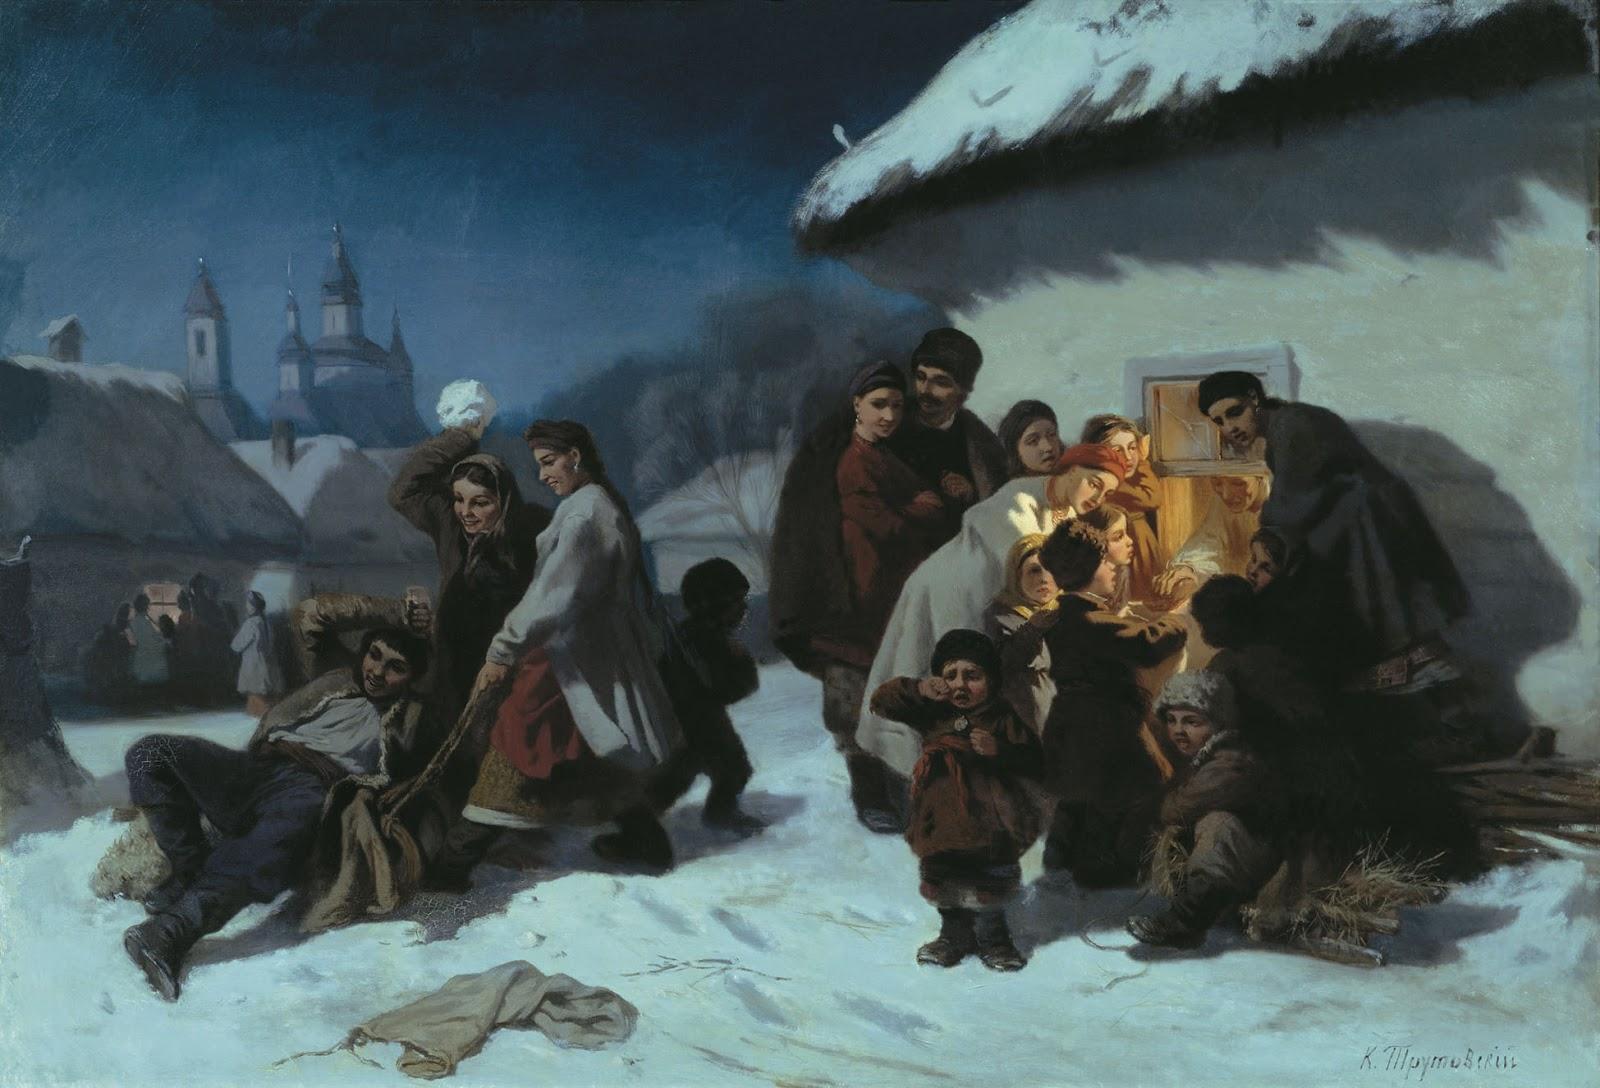 Розпусні укропи: вся правда про сексуальні традиції наших пращурів - фото 10